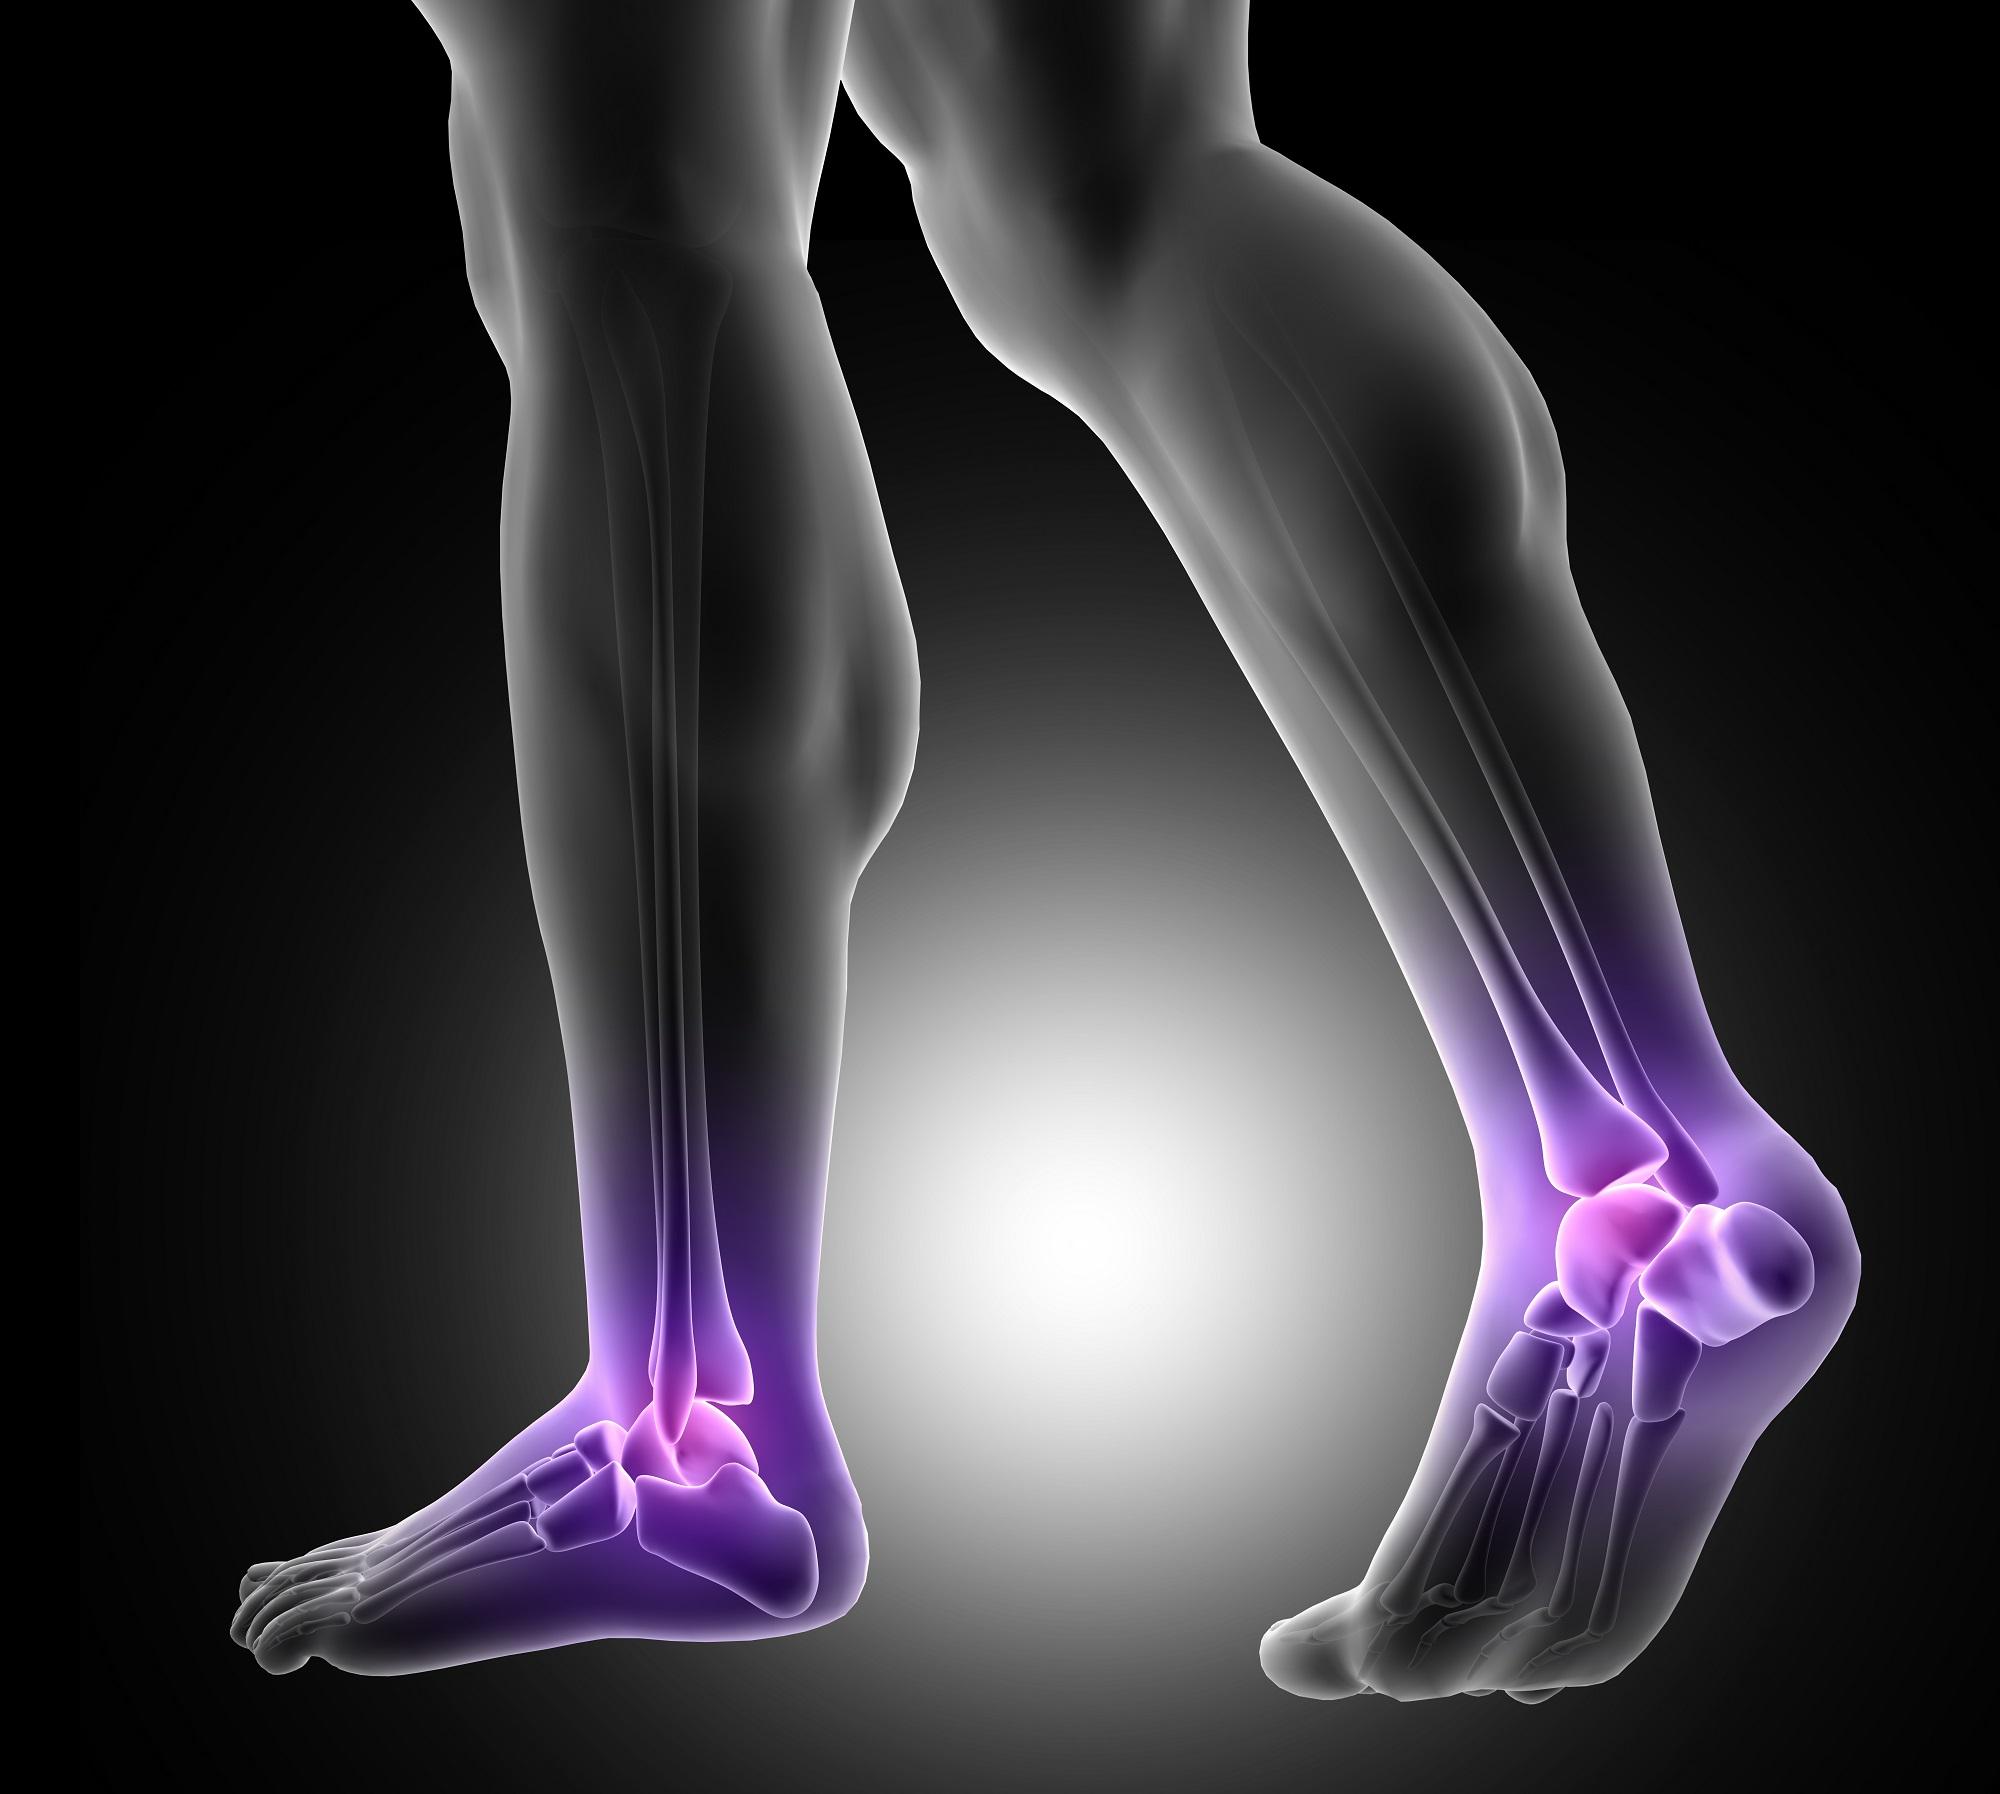 az alsó végtagok ízületei és a láb fáj